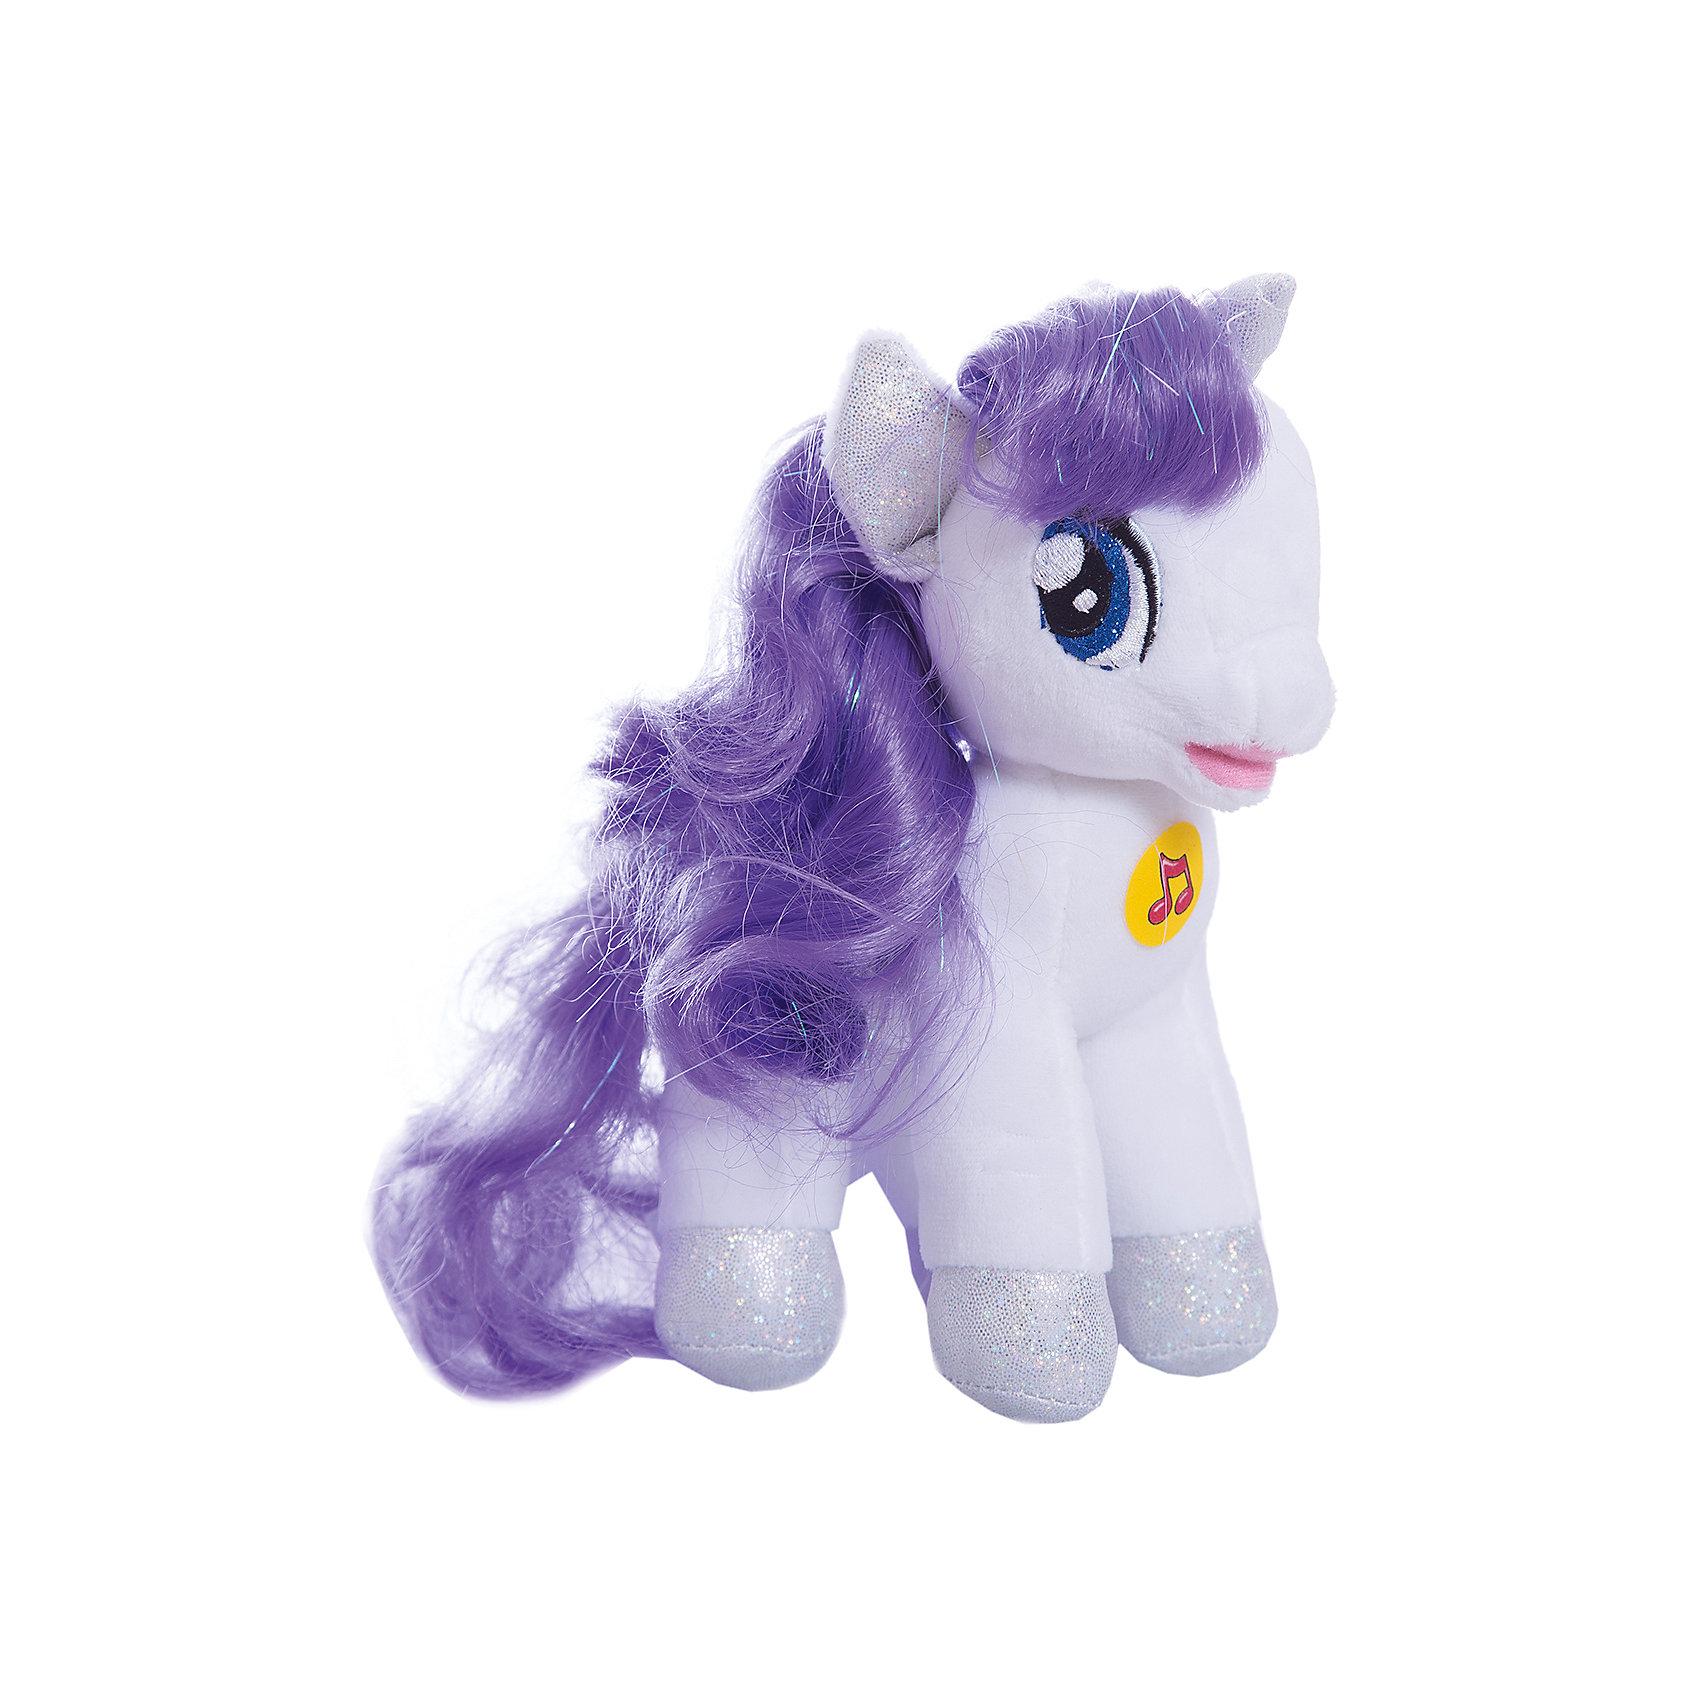 Мягкая игрушка Пони Рарити, 18 см, со звуком, My little Pony, МУЛЬТИ-ПУЛЬТИОзвученные мягкие игрушки<br>Мягкая игрушка Пони Рарити со звуком от марки МУЛЬТИ-ПУЛЬТИ<br><br>Симпатичная мягкая игрушка от отечественного производителя сделана в виде известного персонажа из мультфильма My little Pony. Она поможет ребенку проводить время весело и с пользой. В игрушке есть встроенный звуковой модуль, который  позволяет ей говорить несколько фраз и петь песни.<br>Размер игрушки универсален - 18 сантиметров, её удобно брать с собой в поездки и на прогулку. Сделана она из качественных и безопасных для ребенка материалов, которые еще и приятны на ощупь. <br><br>Отличительные особенности  игрушки:<br><br>- материал: текстиль, пластик;<br>- звуковой модуль;<br>- язык: русский;<br>- работает на батарейках;<br>- высота: 18 см.<br><br>Мягкую игрушку Пони Рарити от марки МУЛЬТИ-ПУЛЬТИ можно купить в нашем магазине.<br><br>Ширина мм: 380<br>Глубина мм: 260<br>Высота мм: 220<br>Вес г: 100<br>Возраст от месяцев: 36<br>Возраст до месяцев: 84<br>Пол: Унисекс<br>Возраст: Детский<br>SKU: 4659490